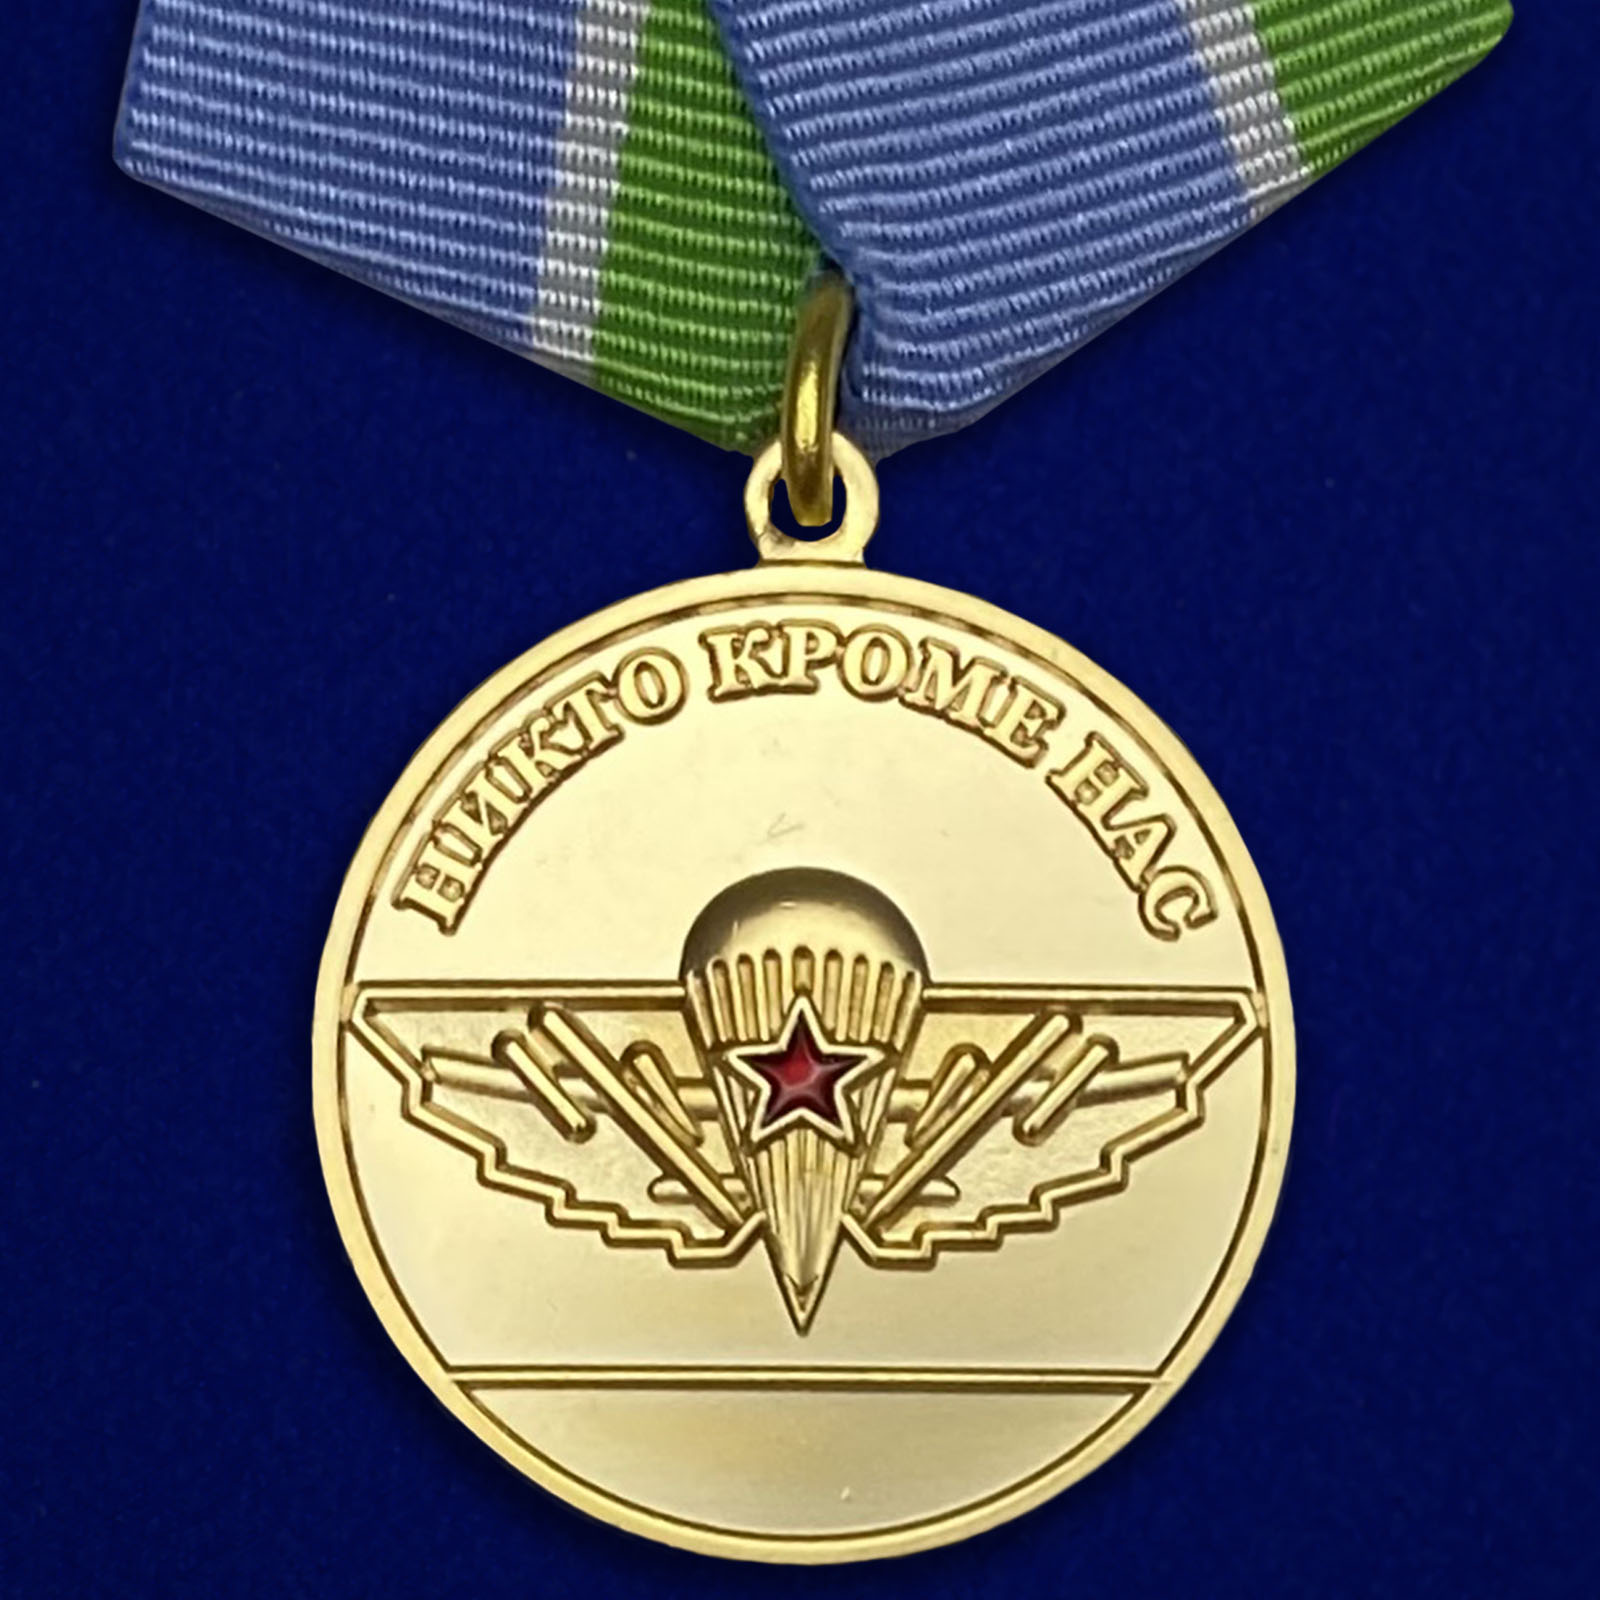 Купить медаль За верность десантному братству на подставке онлайн выгодно